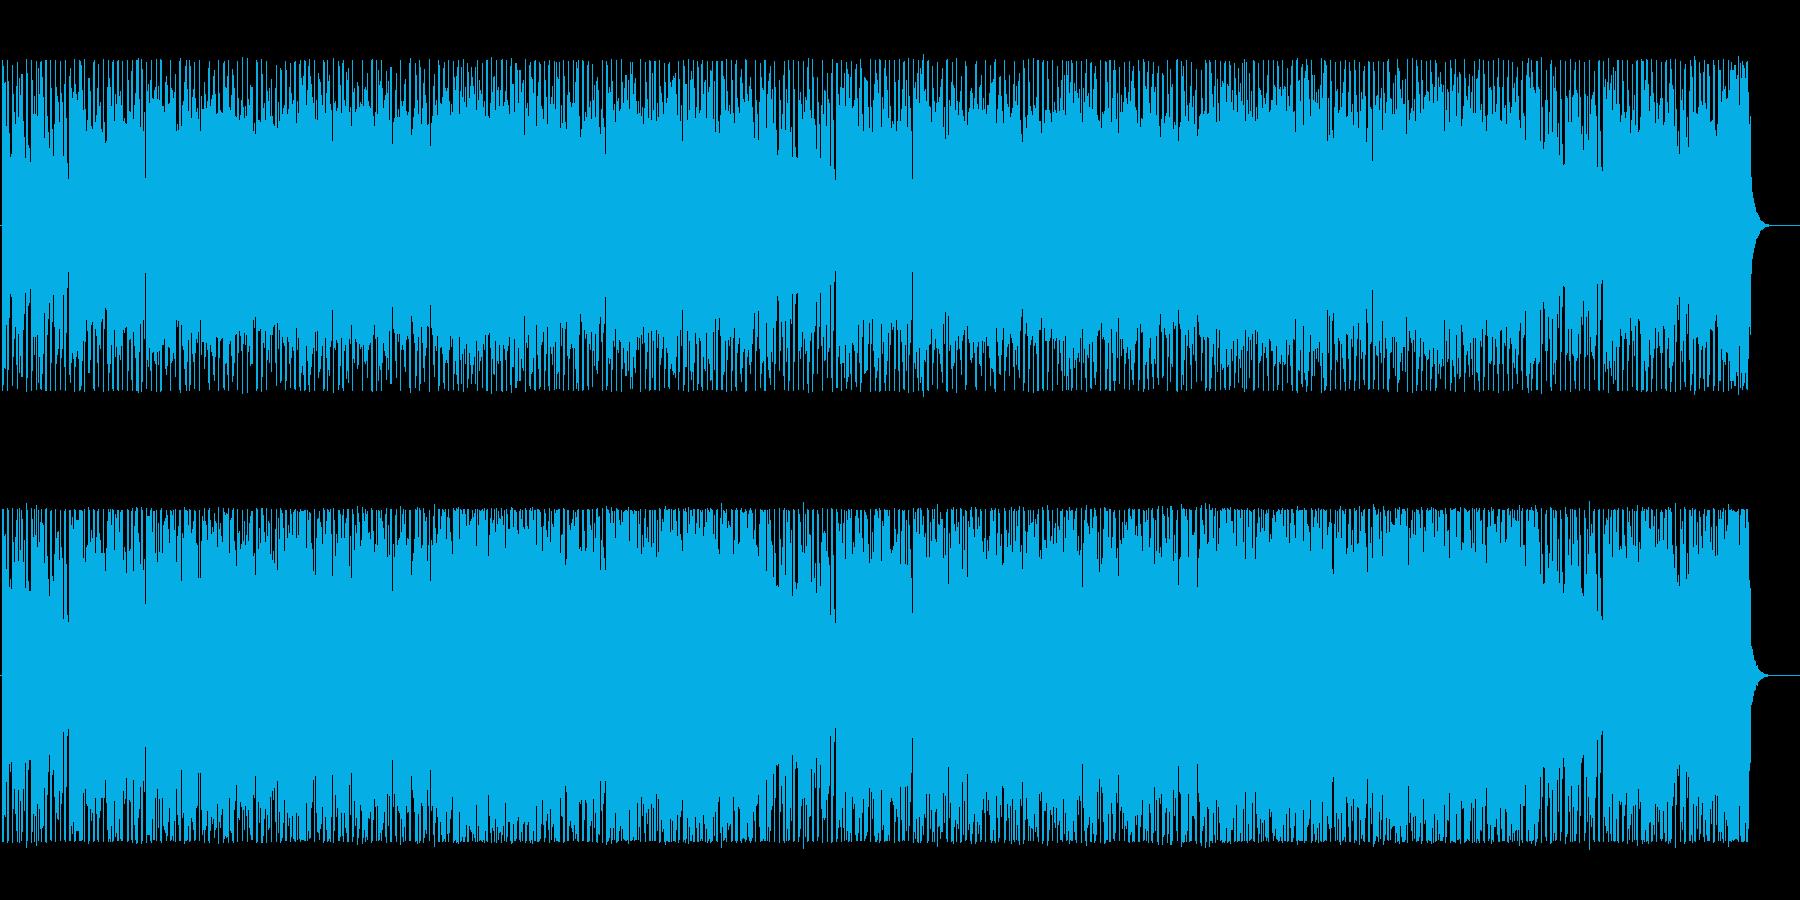 エキゾチックな雰囲気のテクノBGMの再生済みの波形